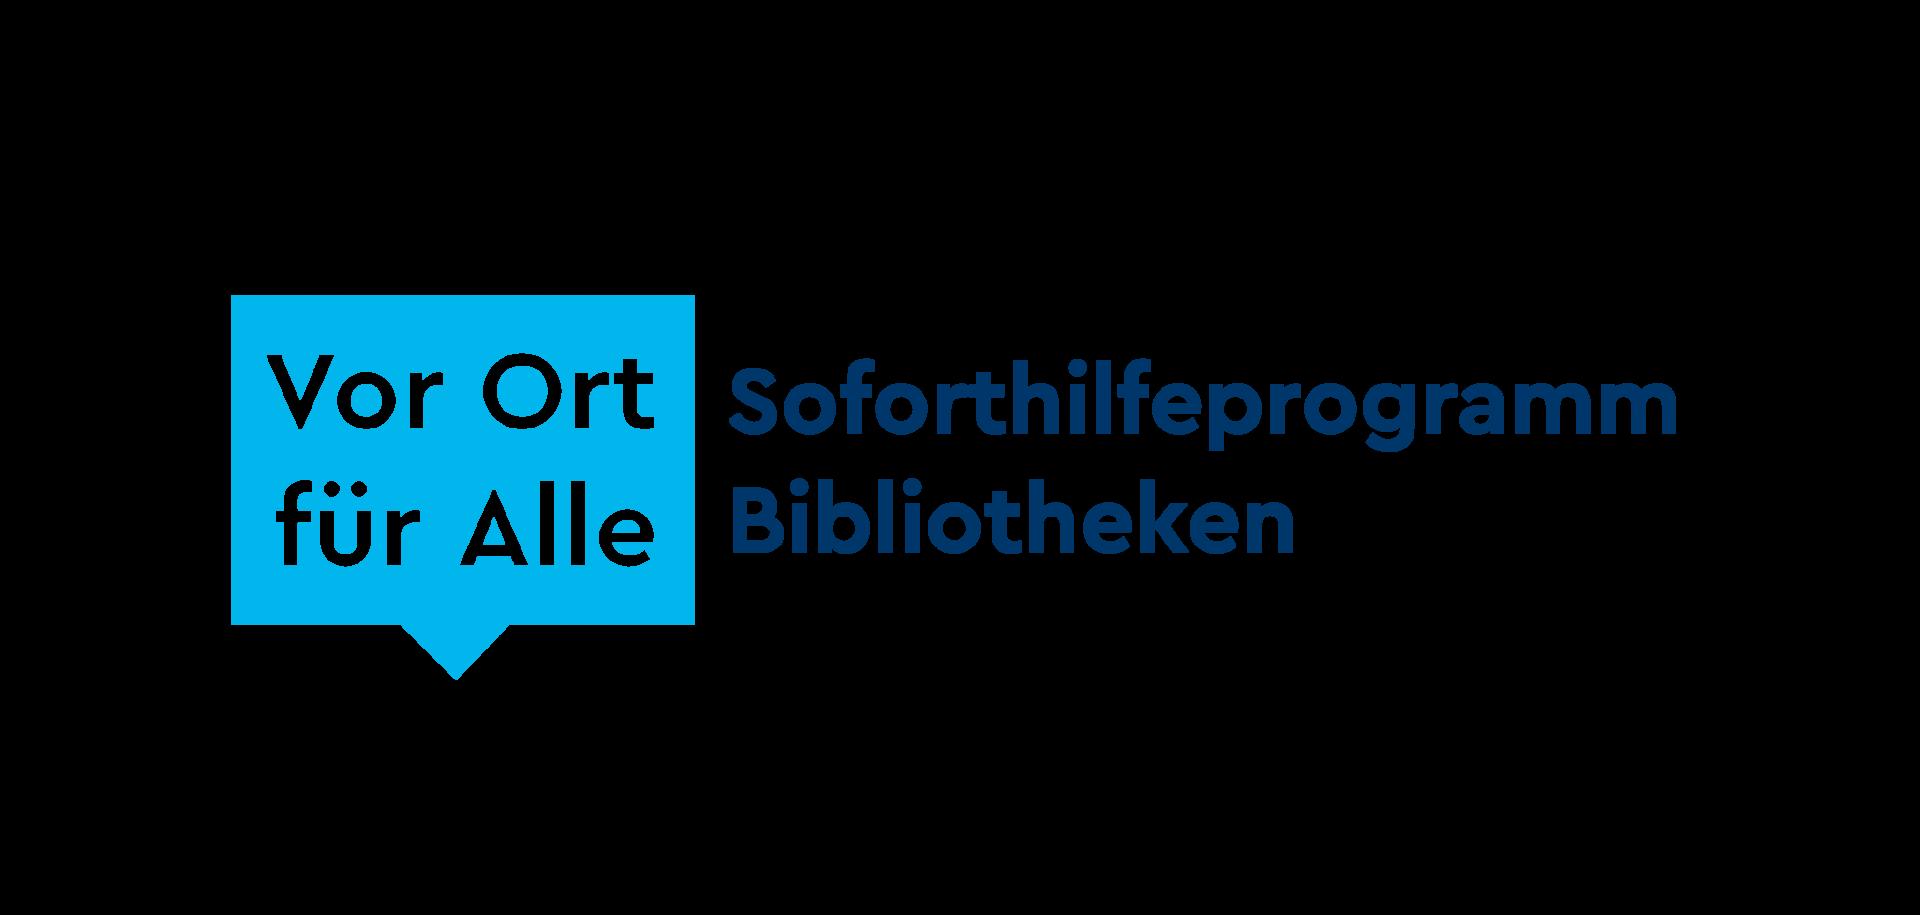 Logo Vor Ort für alle